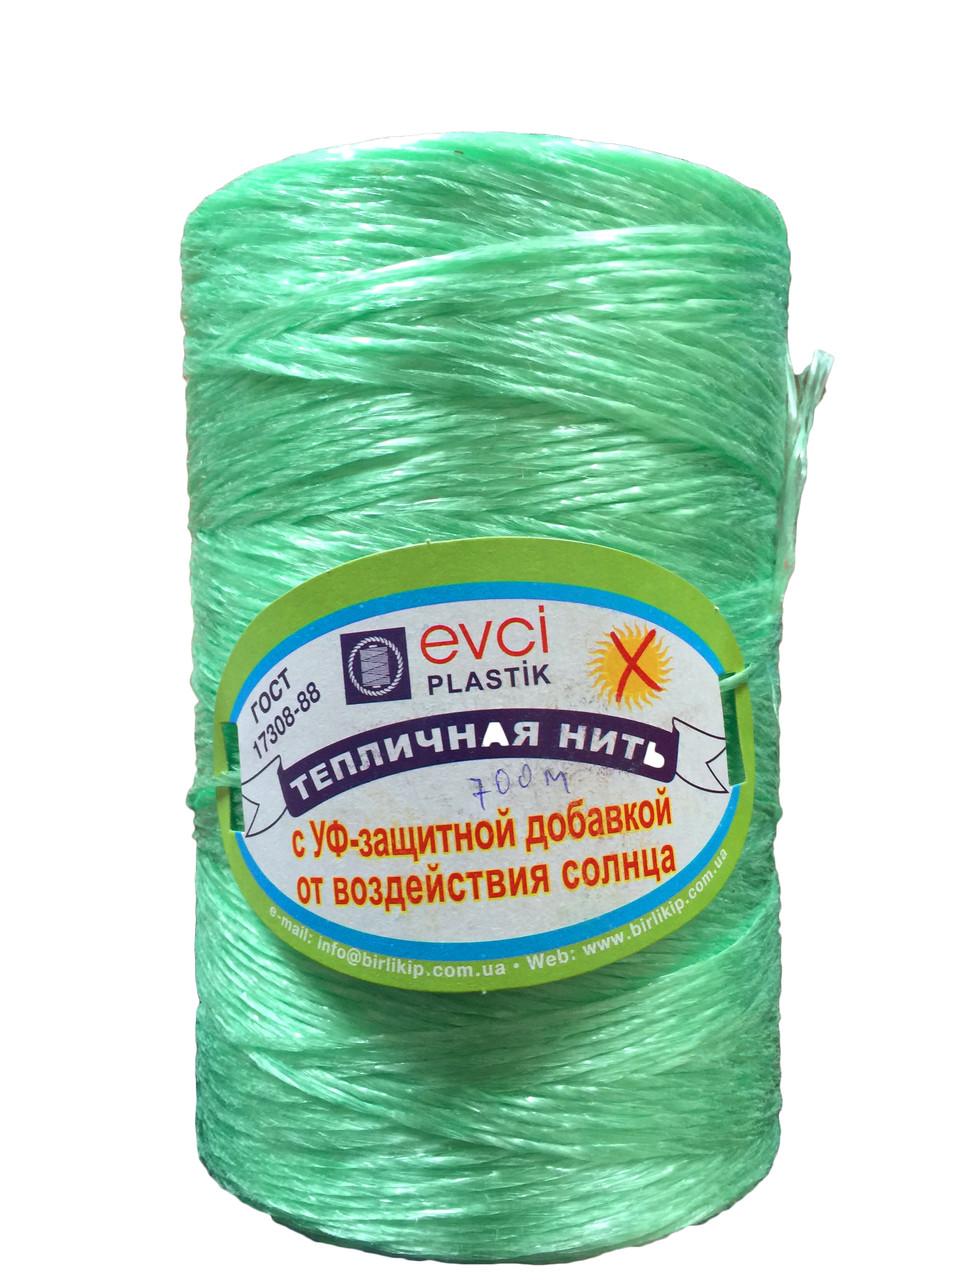 """Теплична нитка """"Evci Plastik"""" з УФ-захисної добавкою від впливу сонця 700 м."""